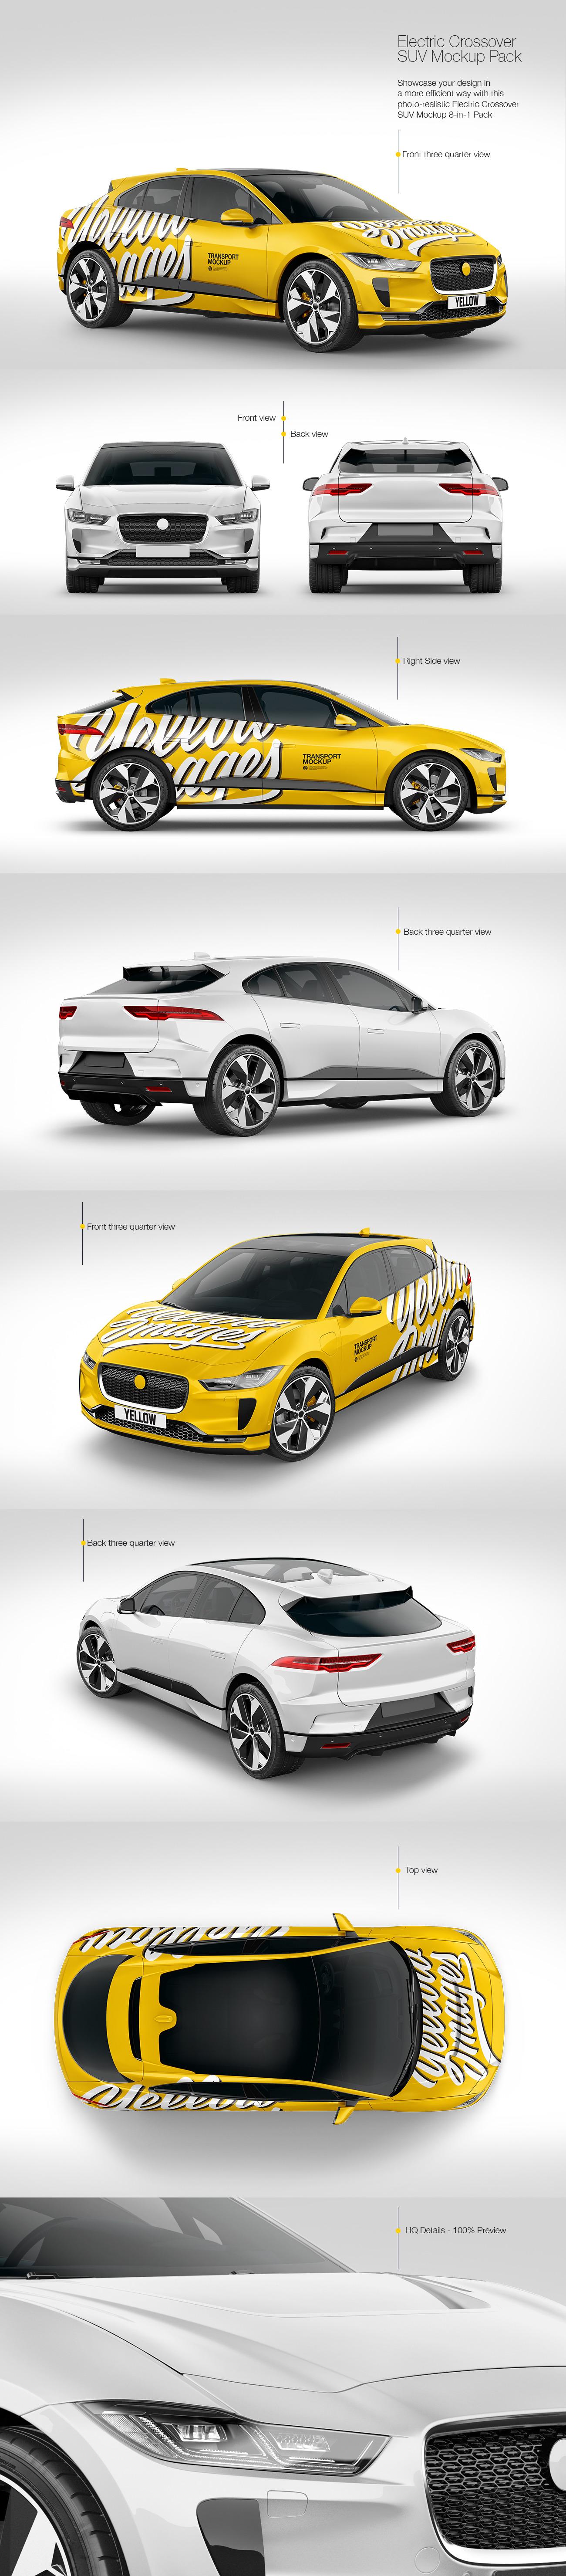 8款两厢小跑车车身广告设计样机素材 Electric Crossover SUV Mockup Pack插图